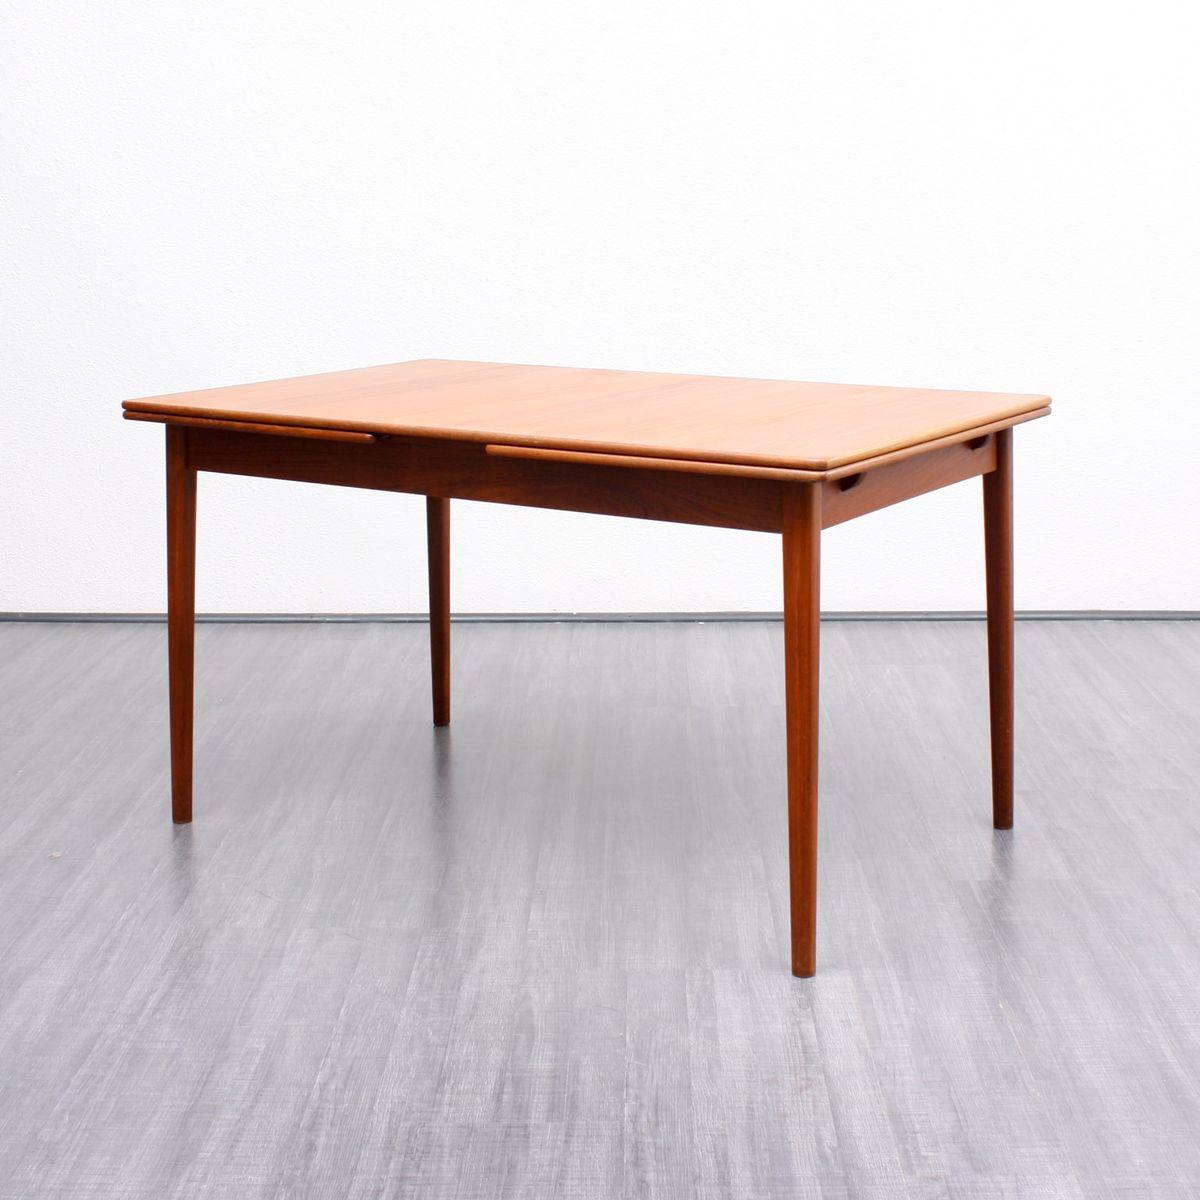 skandinavischer mid century teak esstisch von nils jonsson f r bra bohag bei pamono kaufen. Black Bedroom Furniture Sets. Home Design Ideas